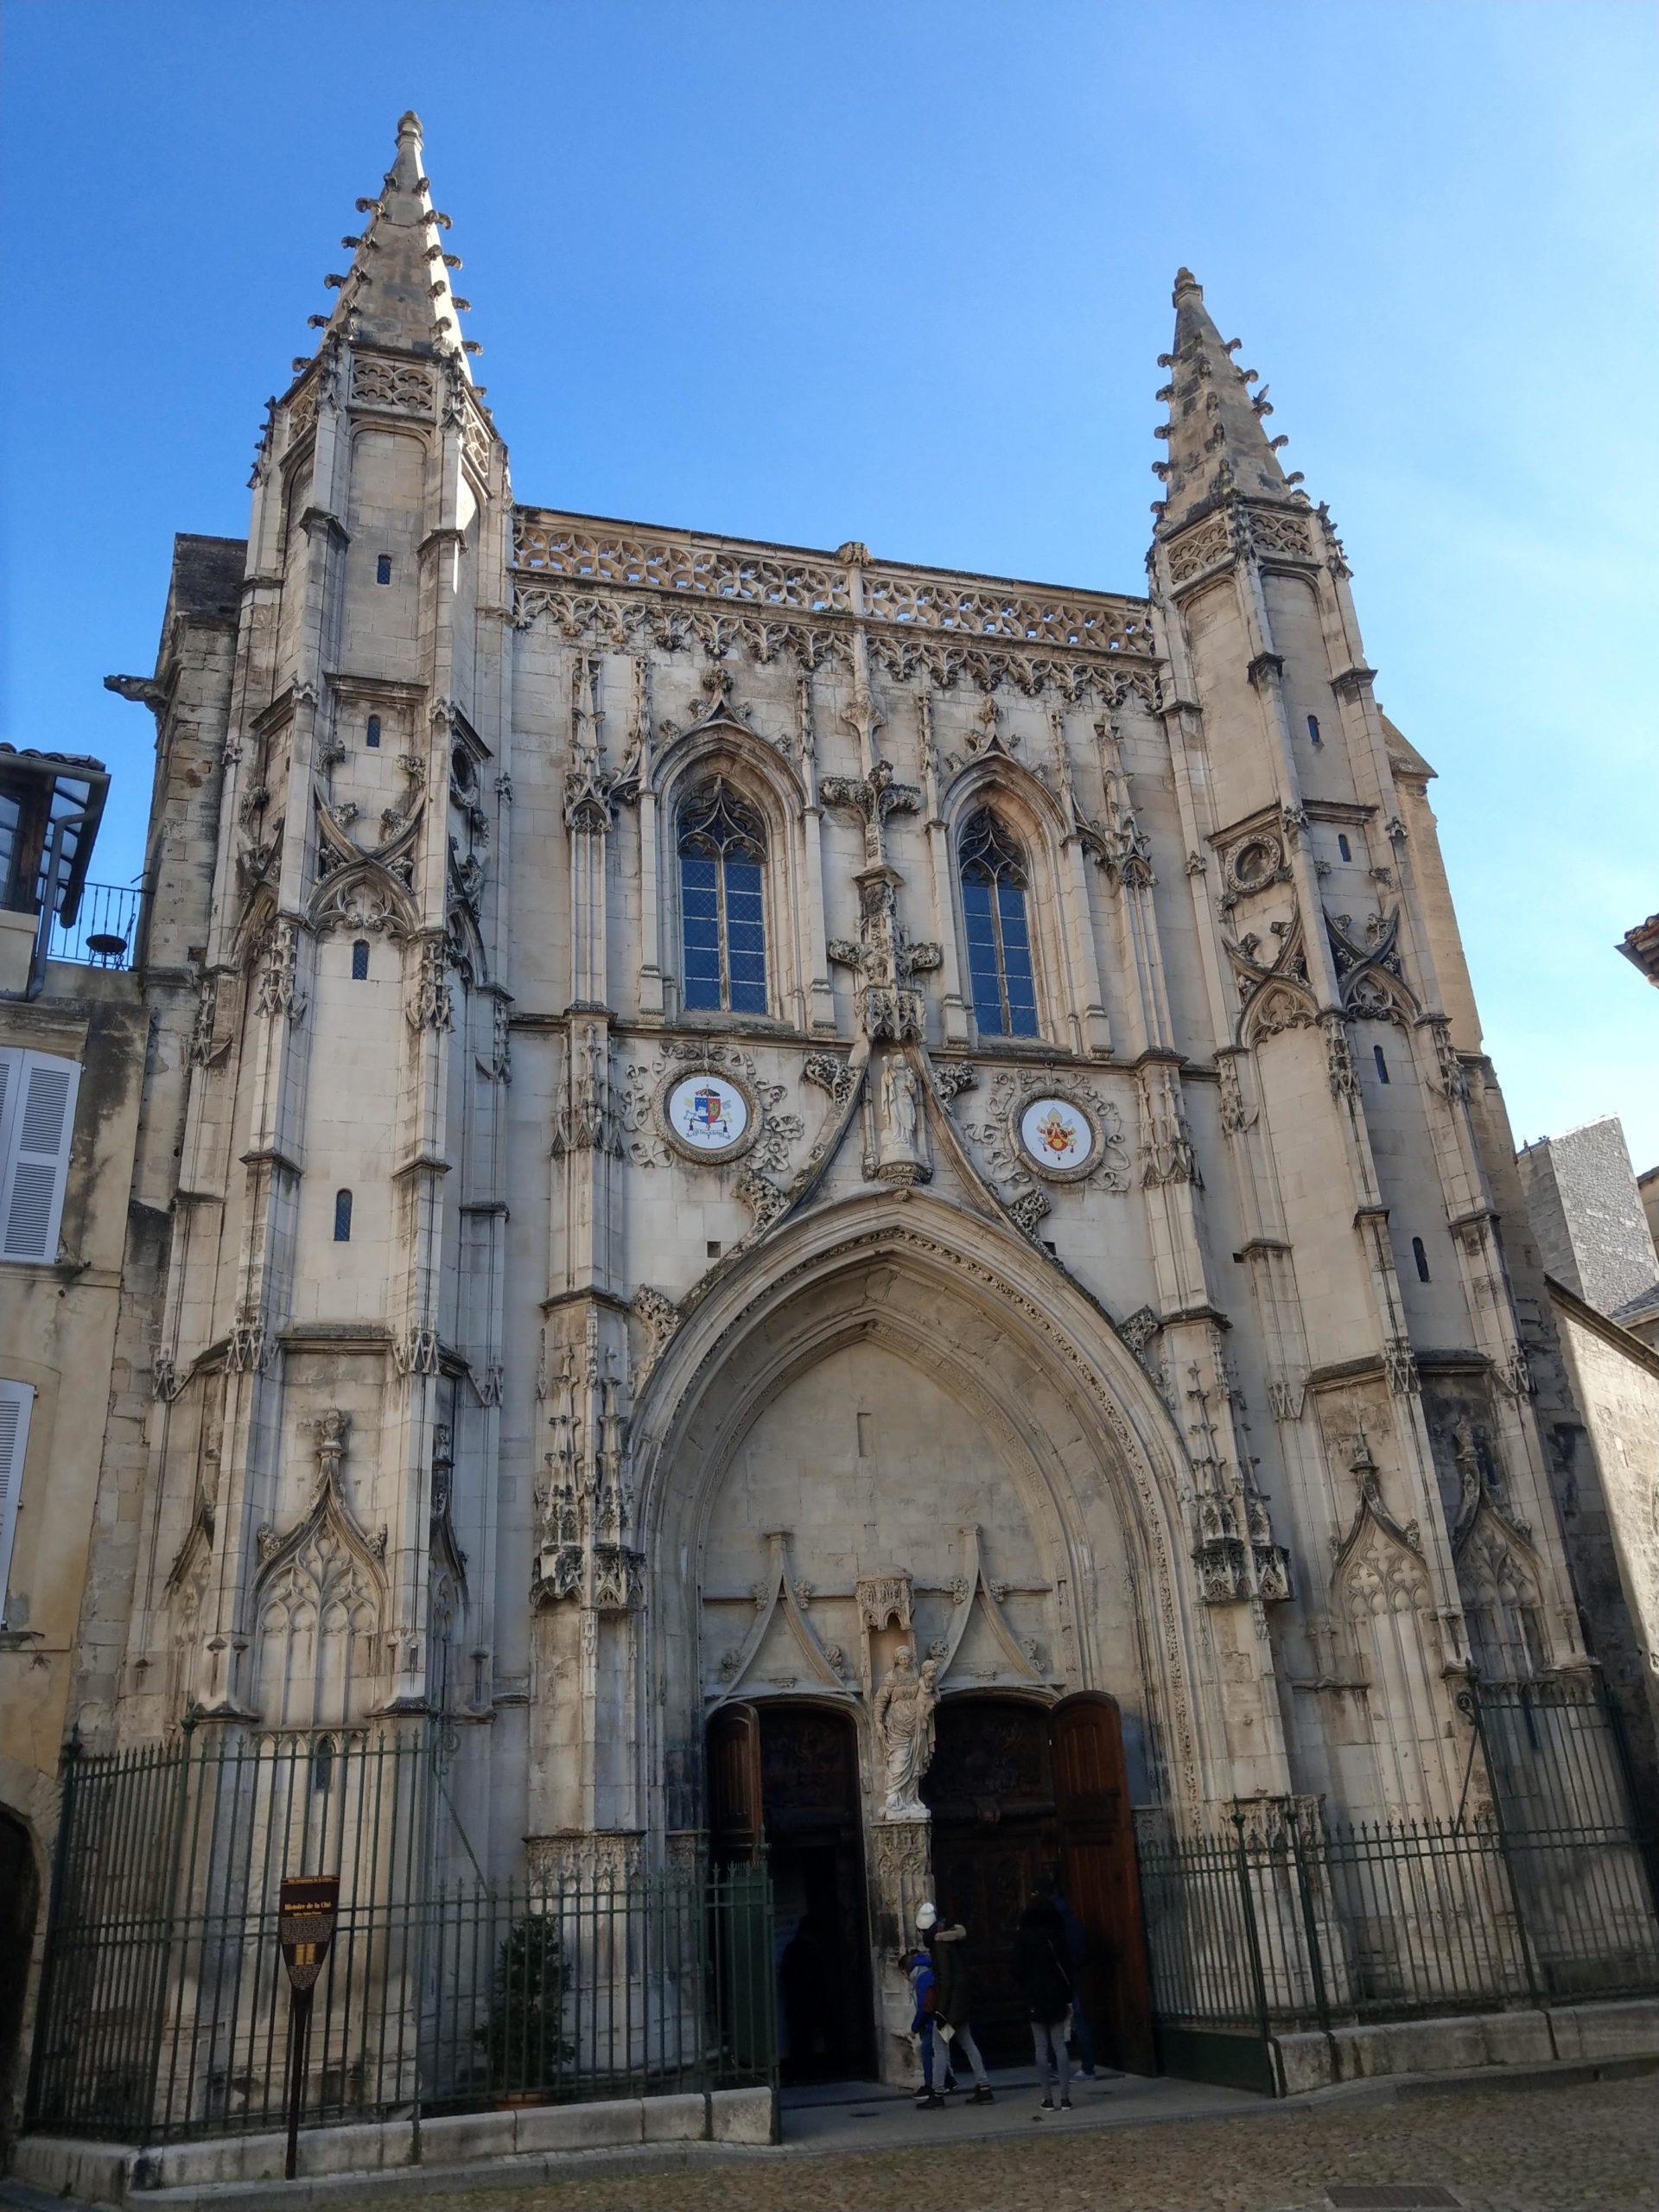 La Basilique Saint-Pierre dans le vieux Avignon